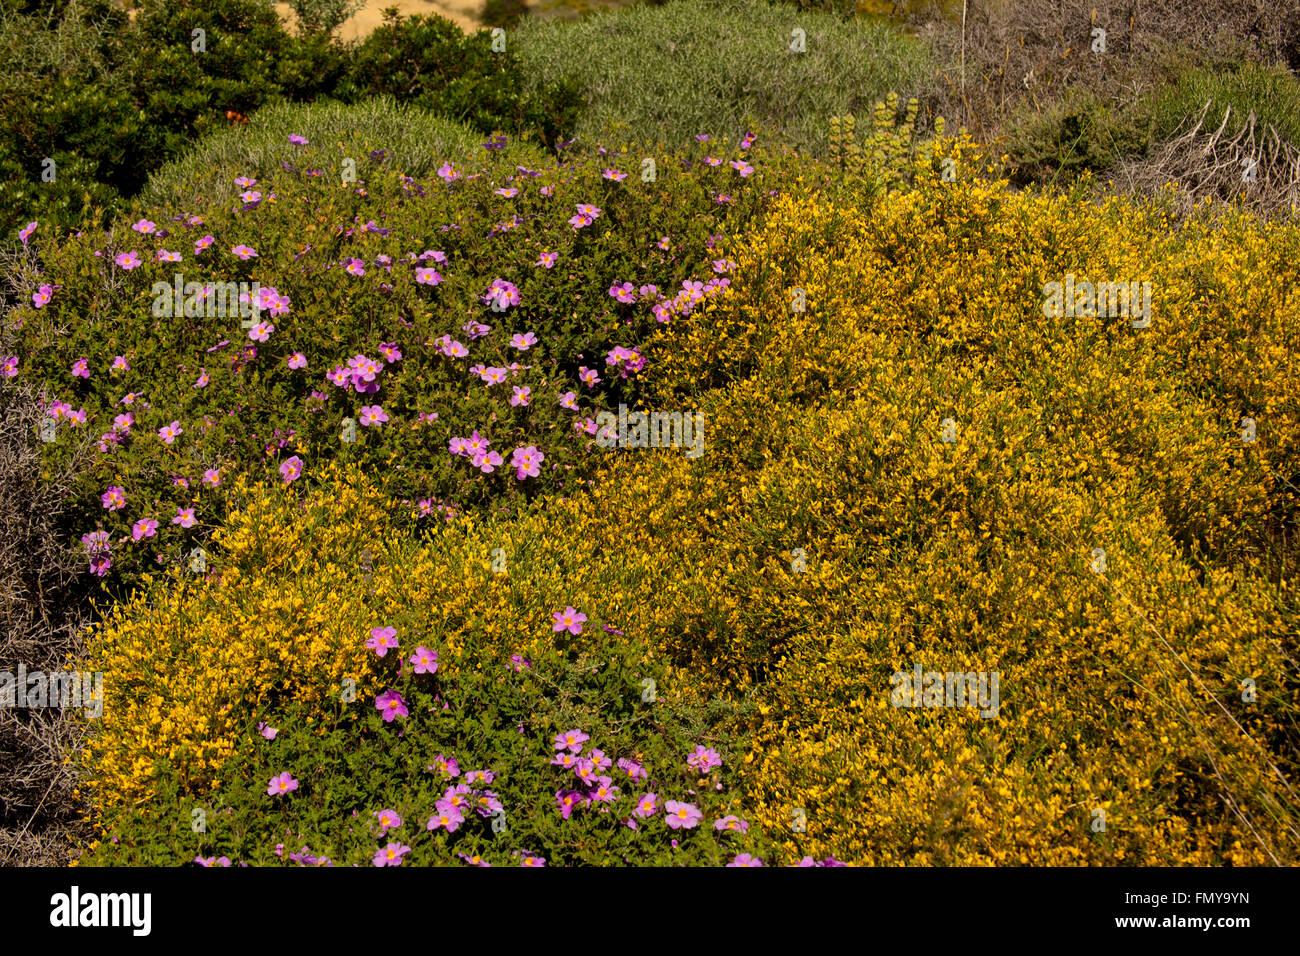 Griechenland, Kykladen, Paros, Südostküste, Macchie - Stock Image